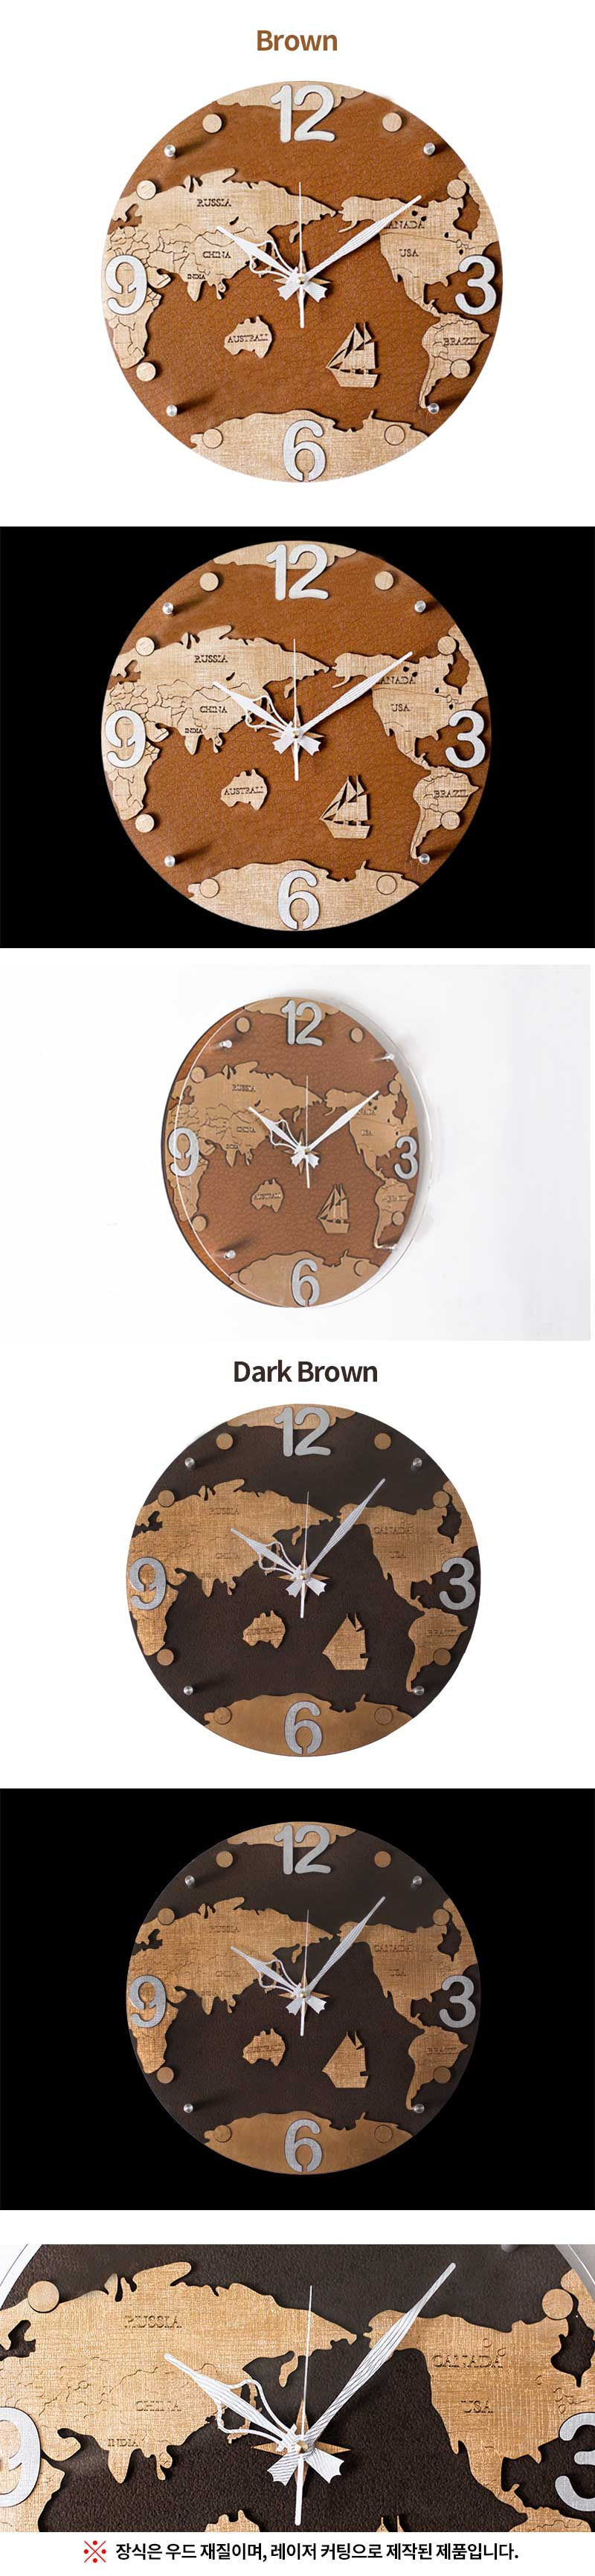 지구본 시계 - 미트라샵, 110,000원, 벽시계, 디자인벽시계